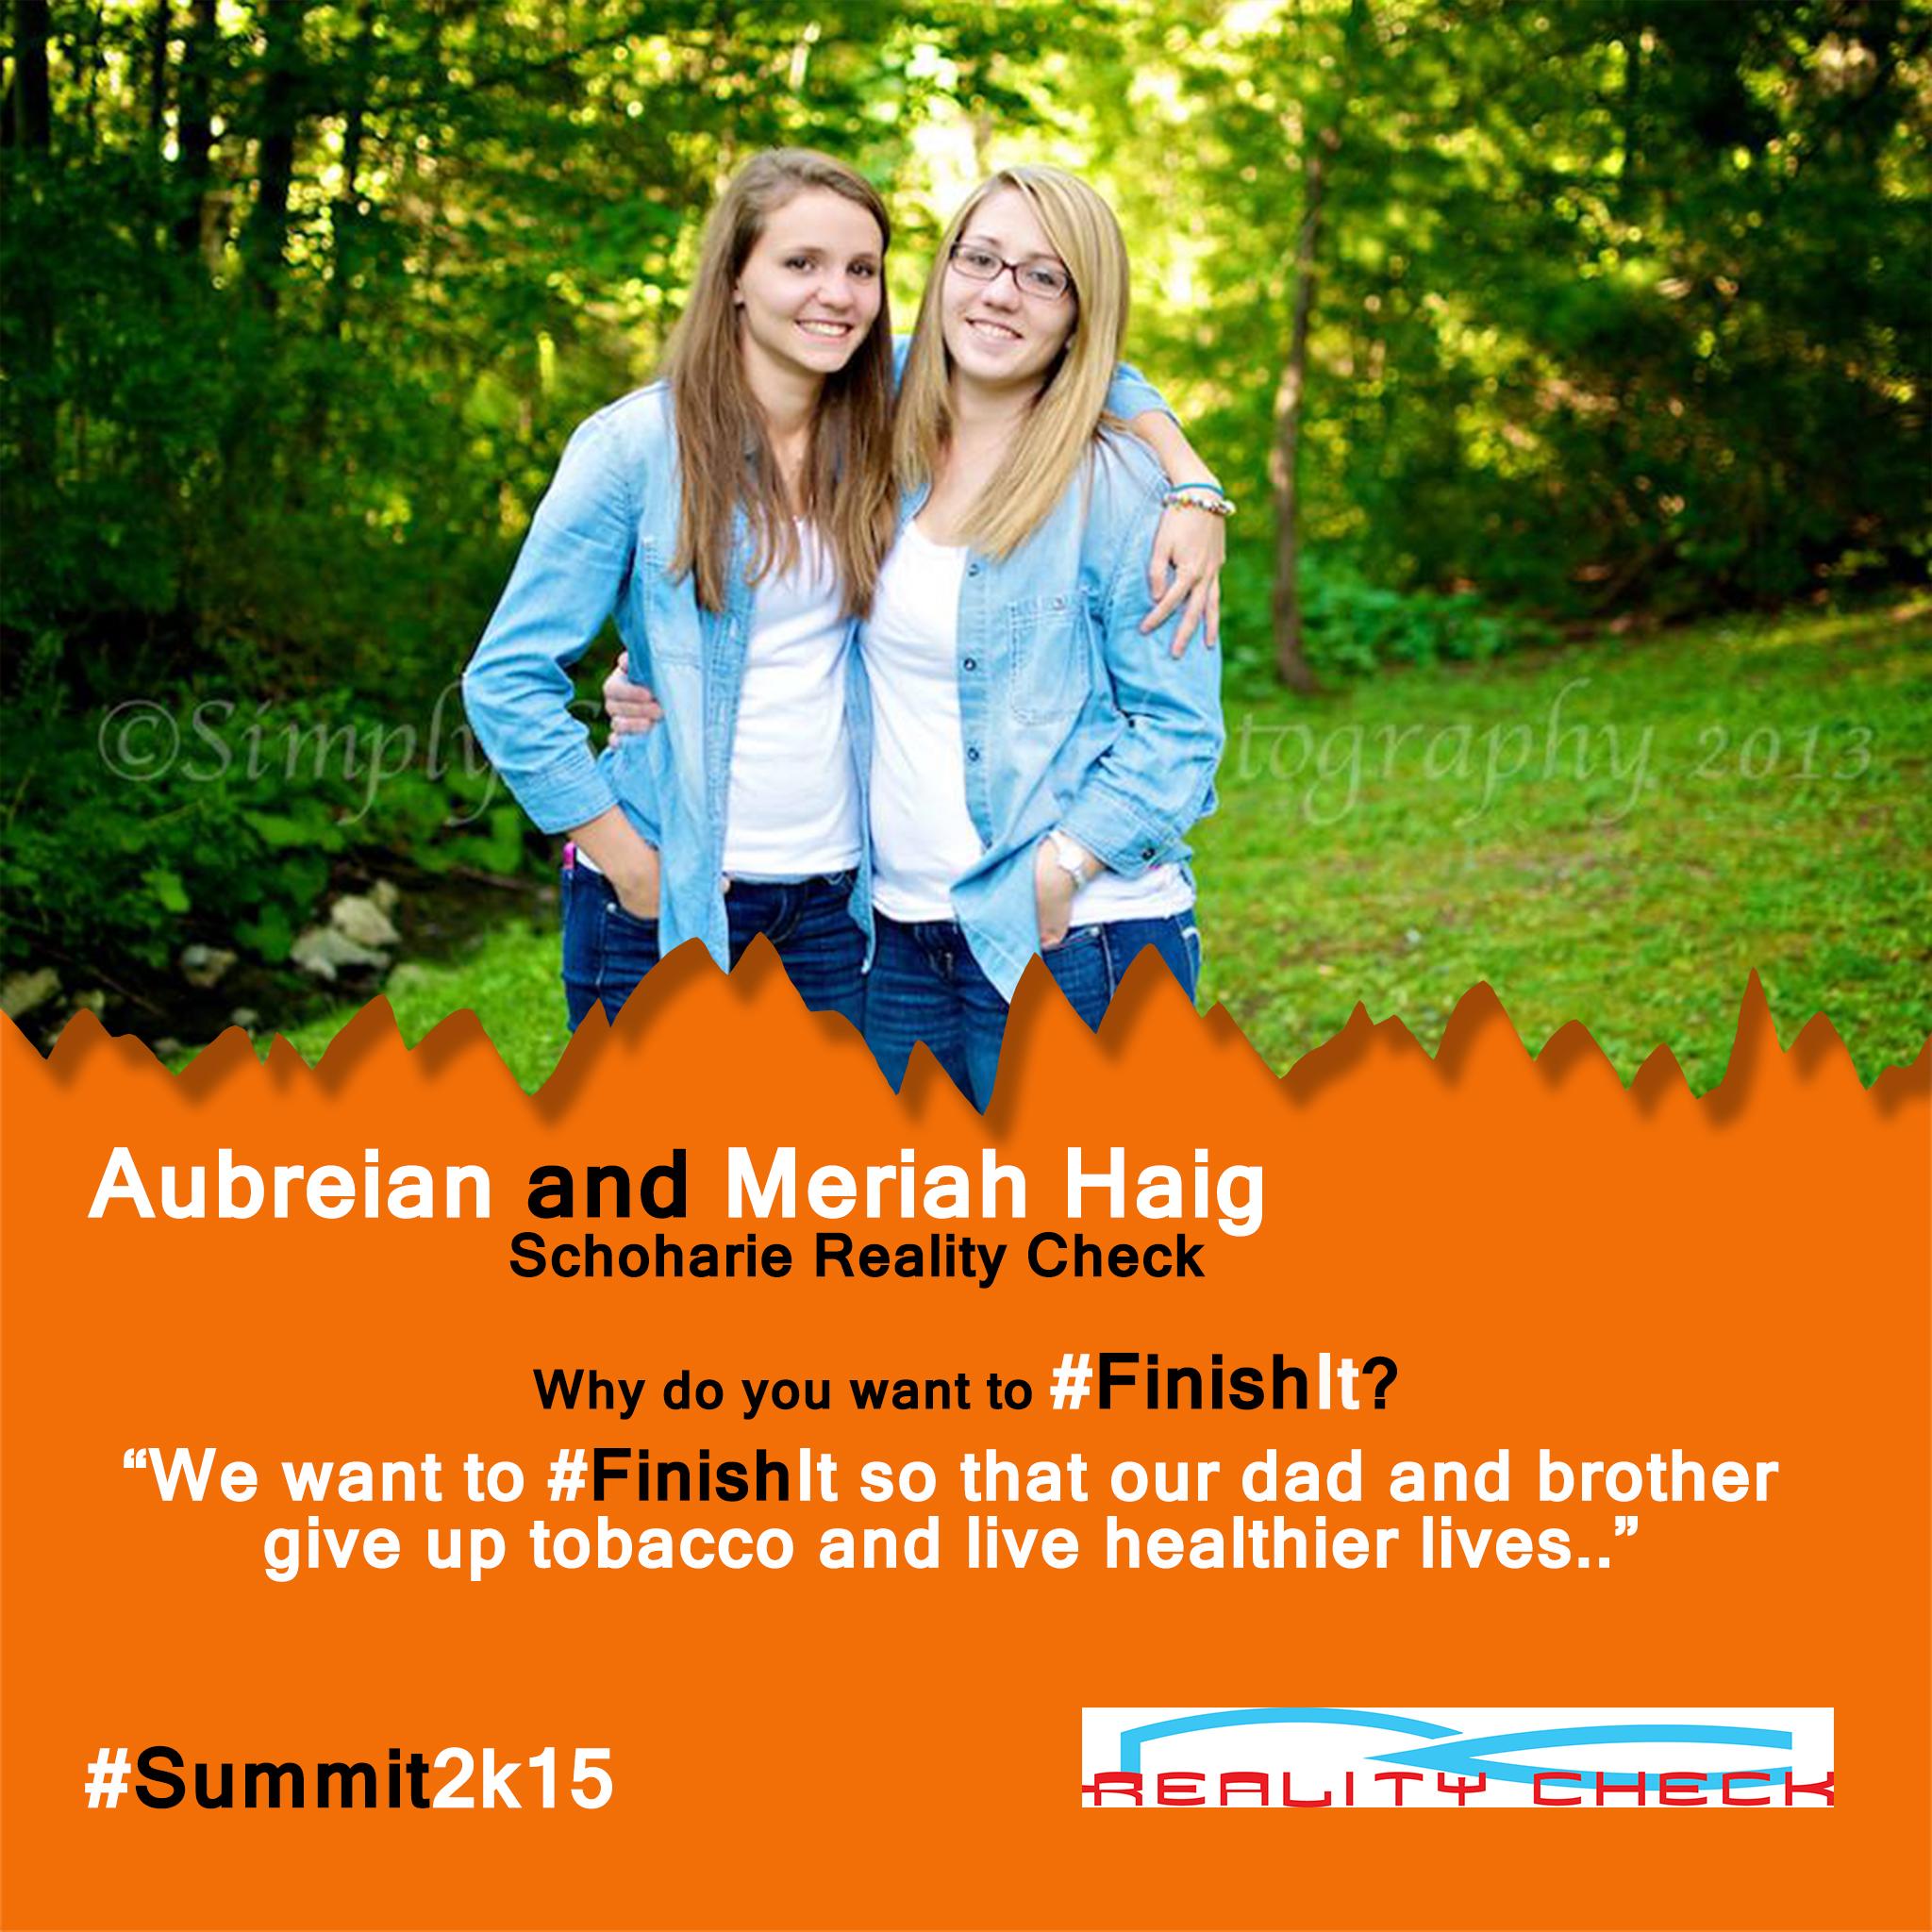 Abreian and Meriah Haig Schoharie.jpg